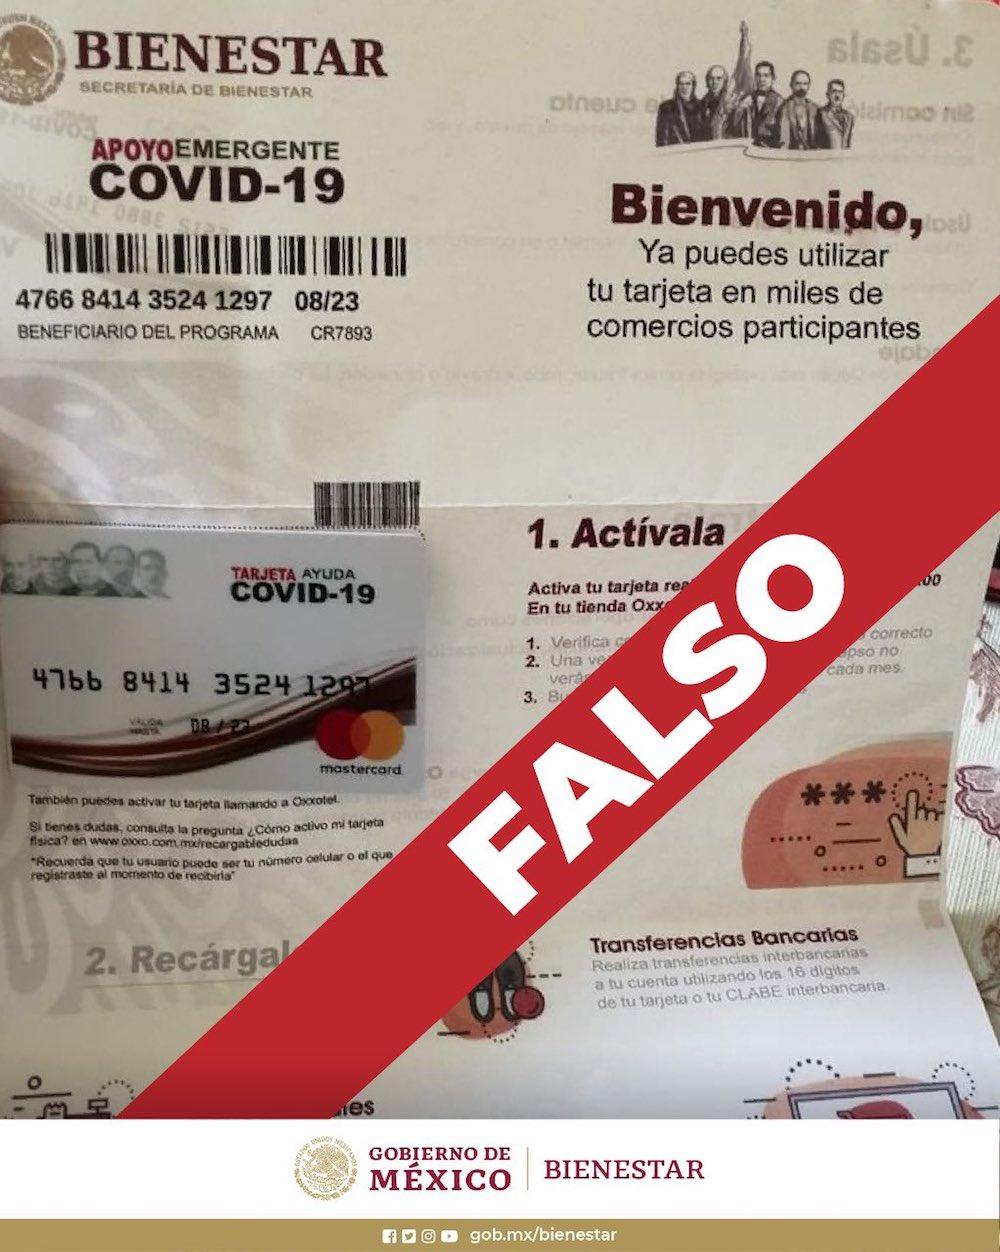 tarjetas-bienestar-fraude-chiapas